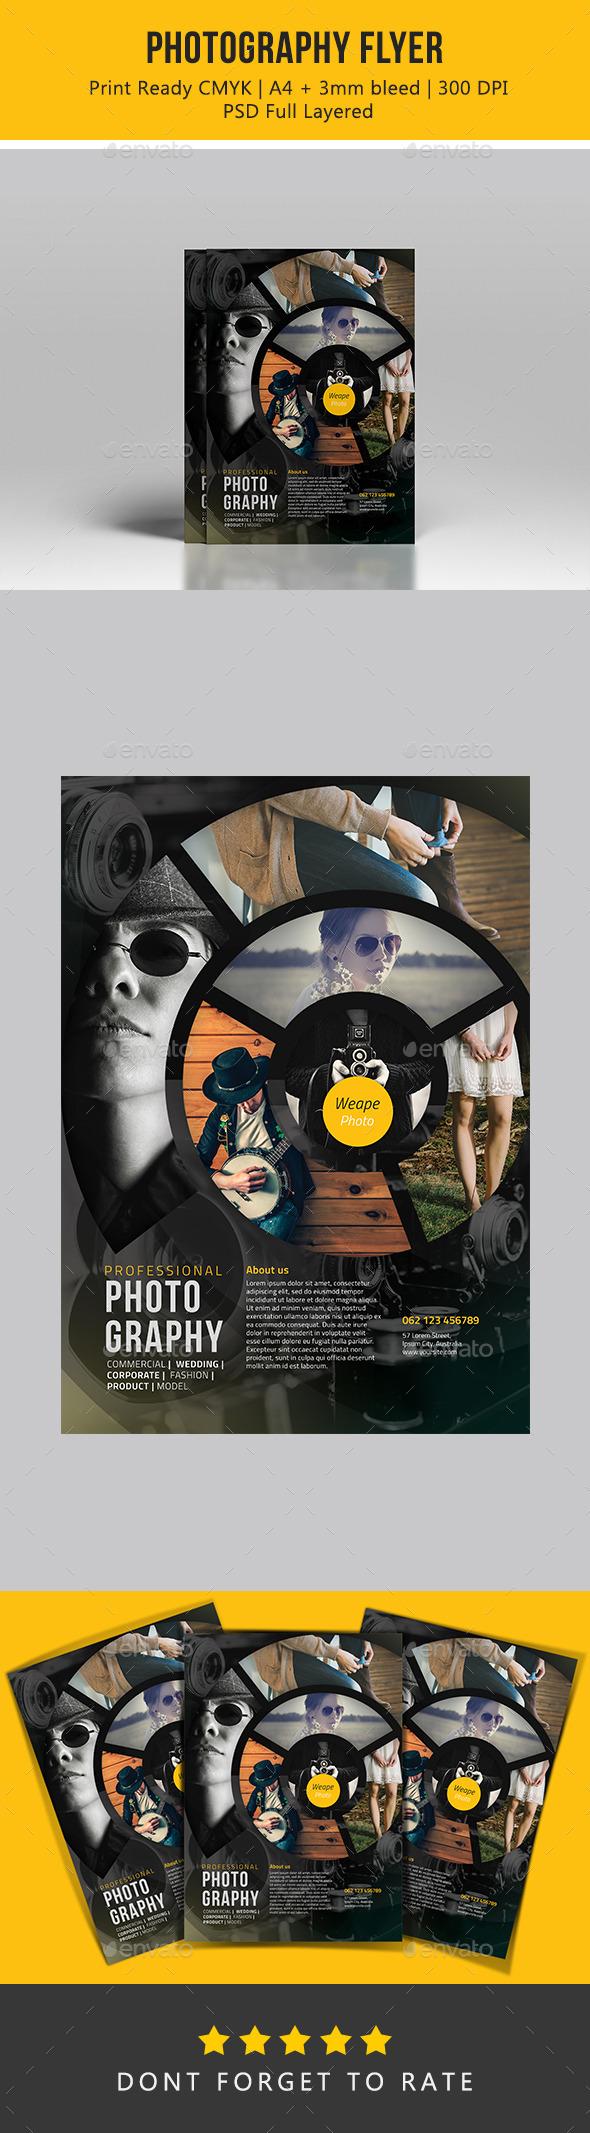 Photography Flyer - Flyers Print Templates